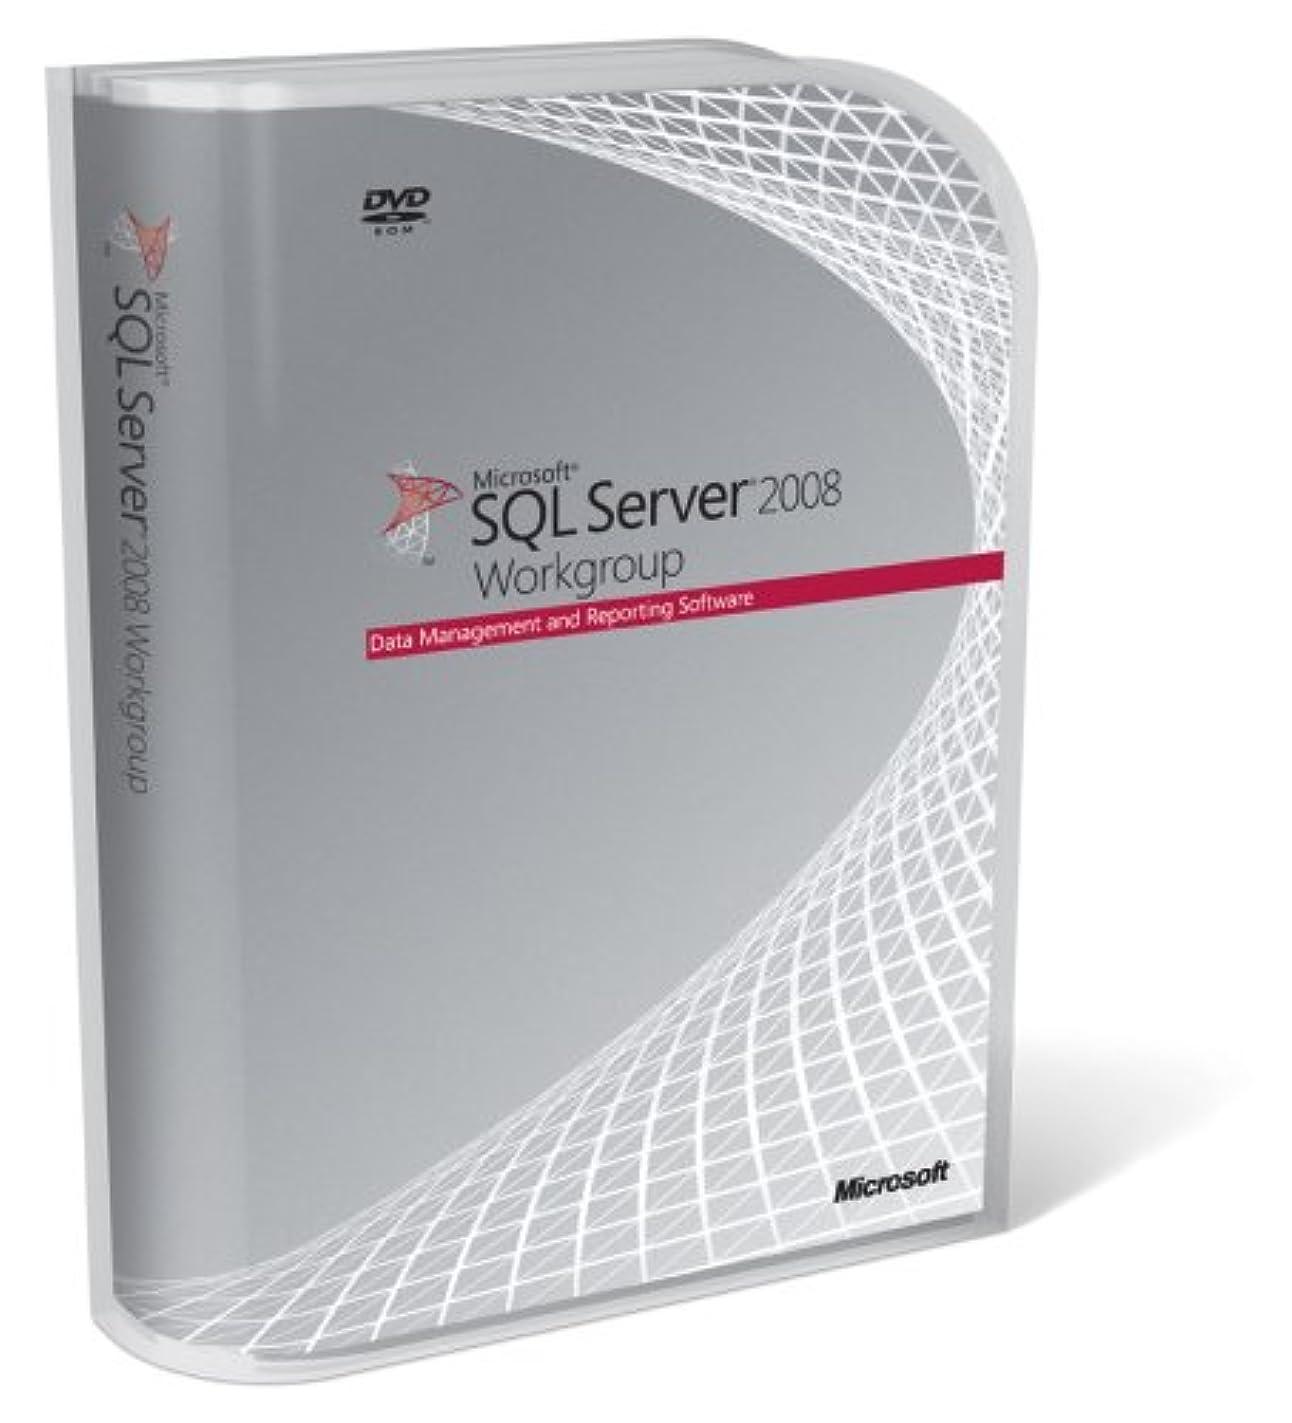 完全に乾く成人期厚くするSQL Server 2008 Workgroup 日本語版 5CAL 付き